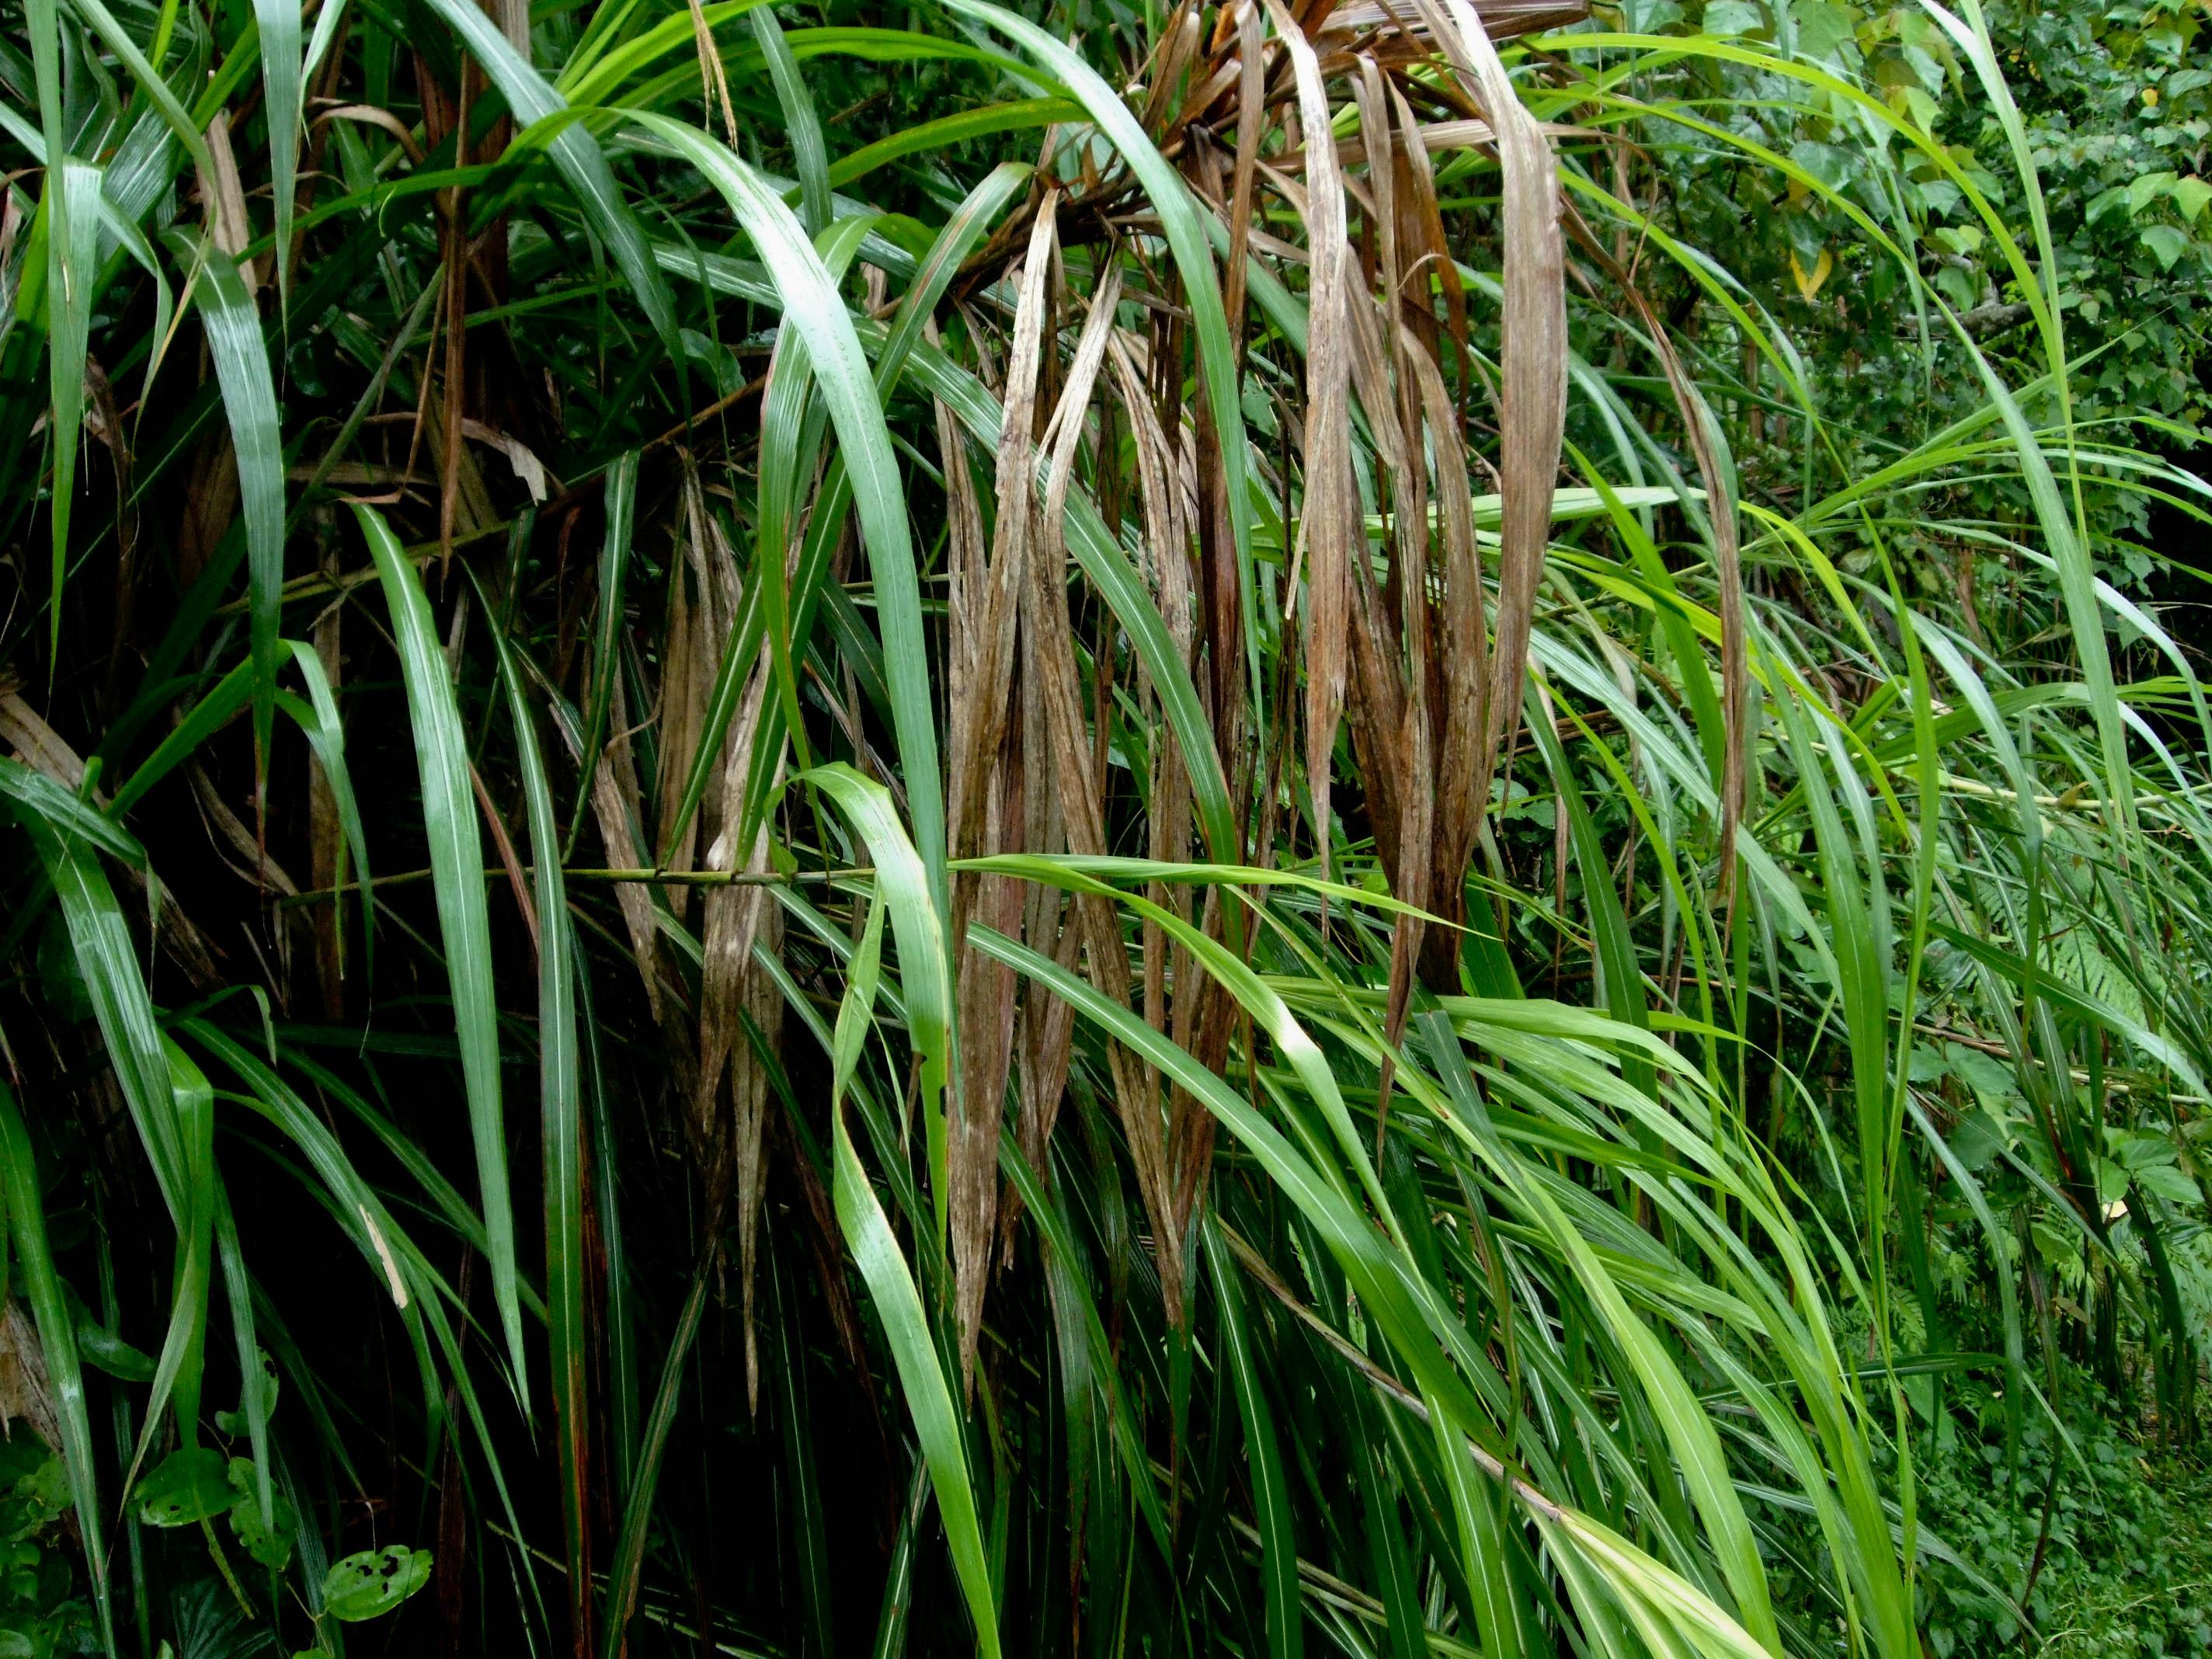 Miscanthus sinensis 2010-07-27 060 01.jpg